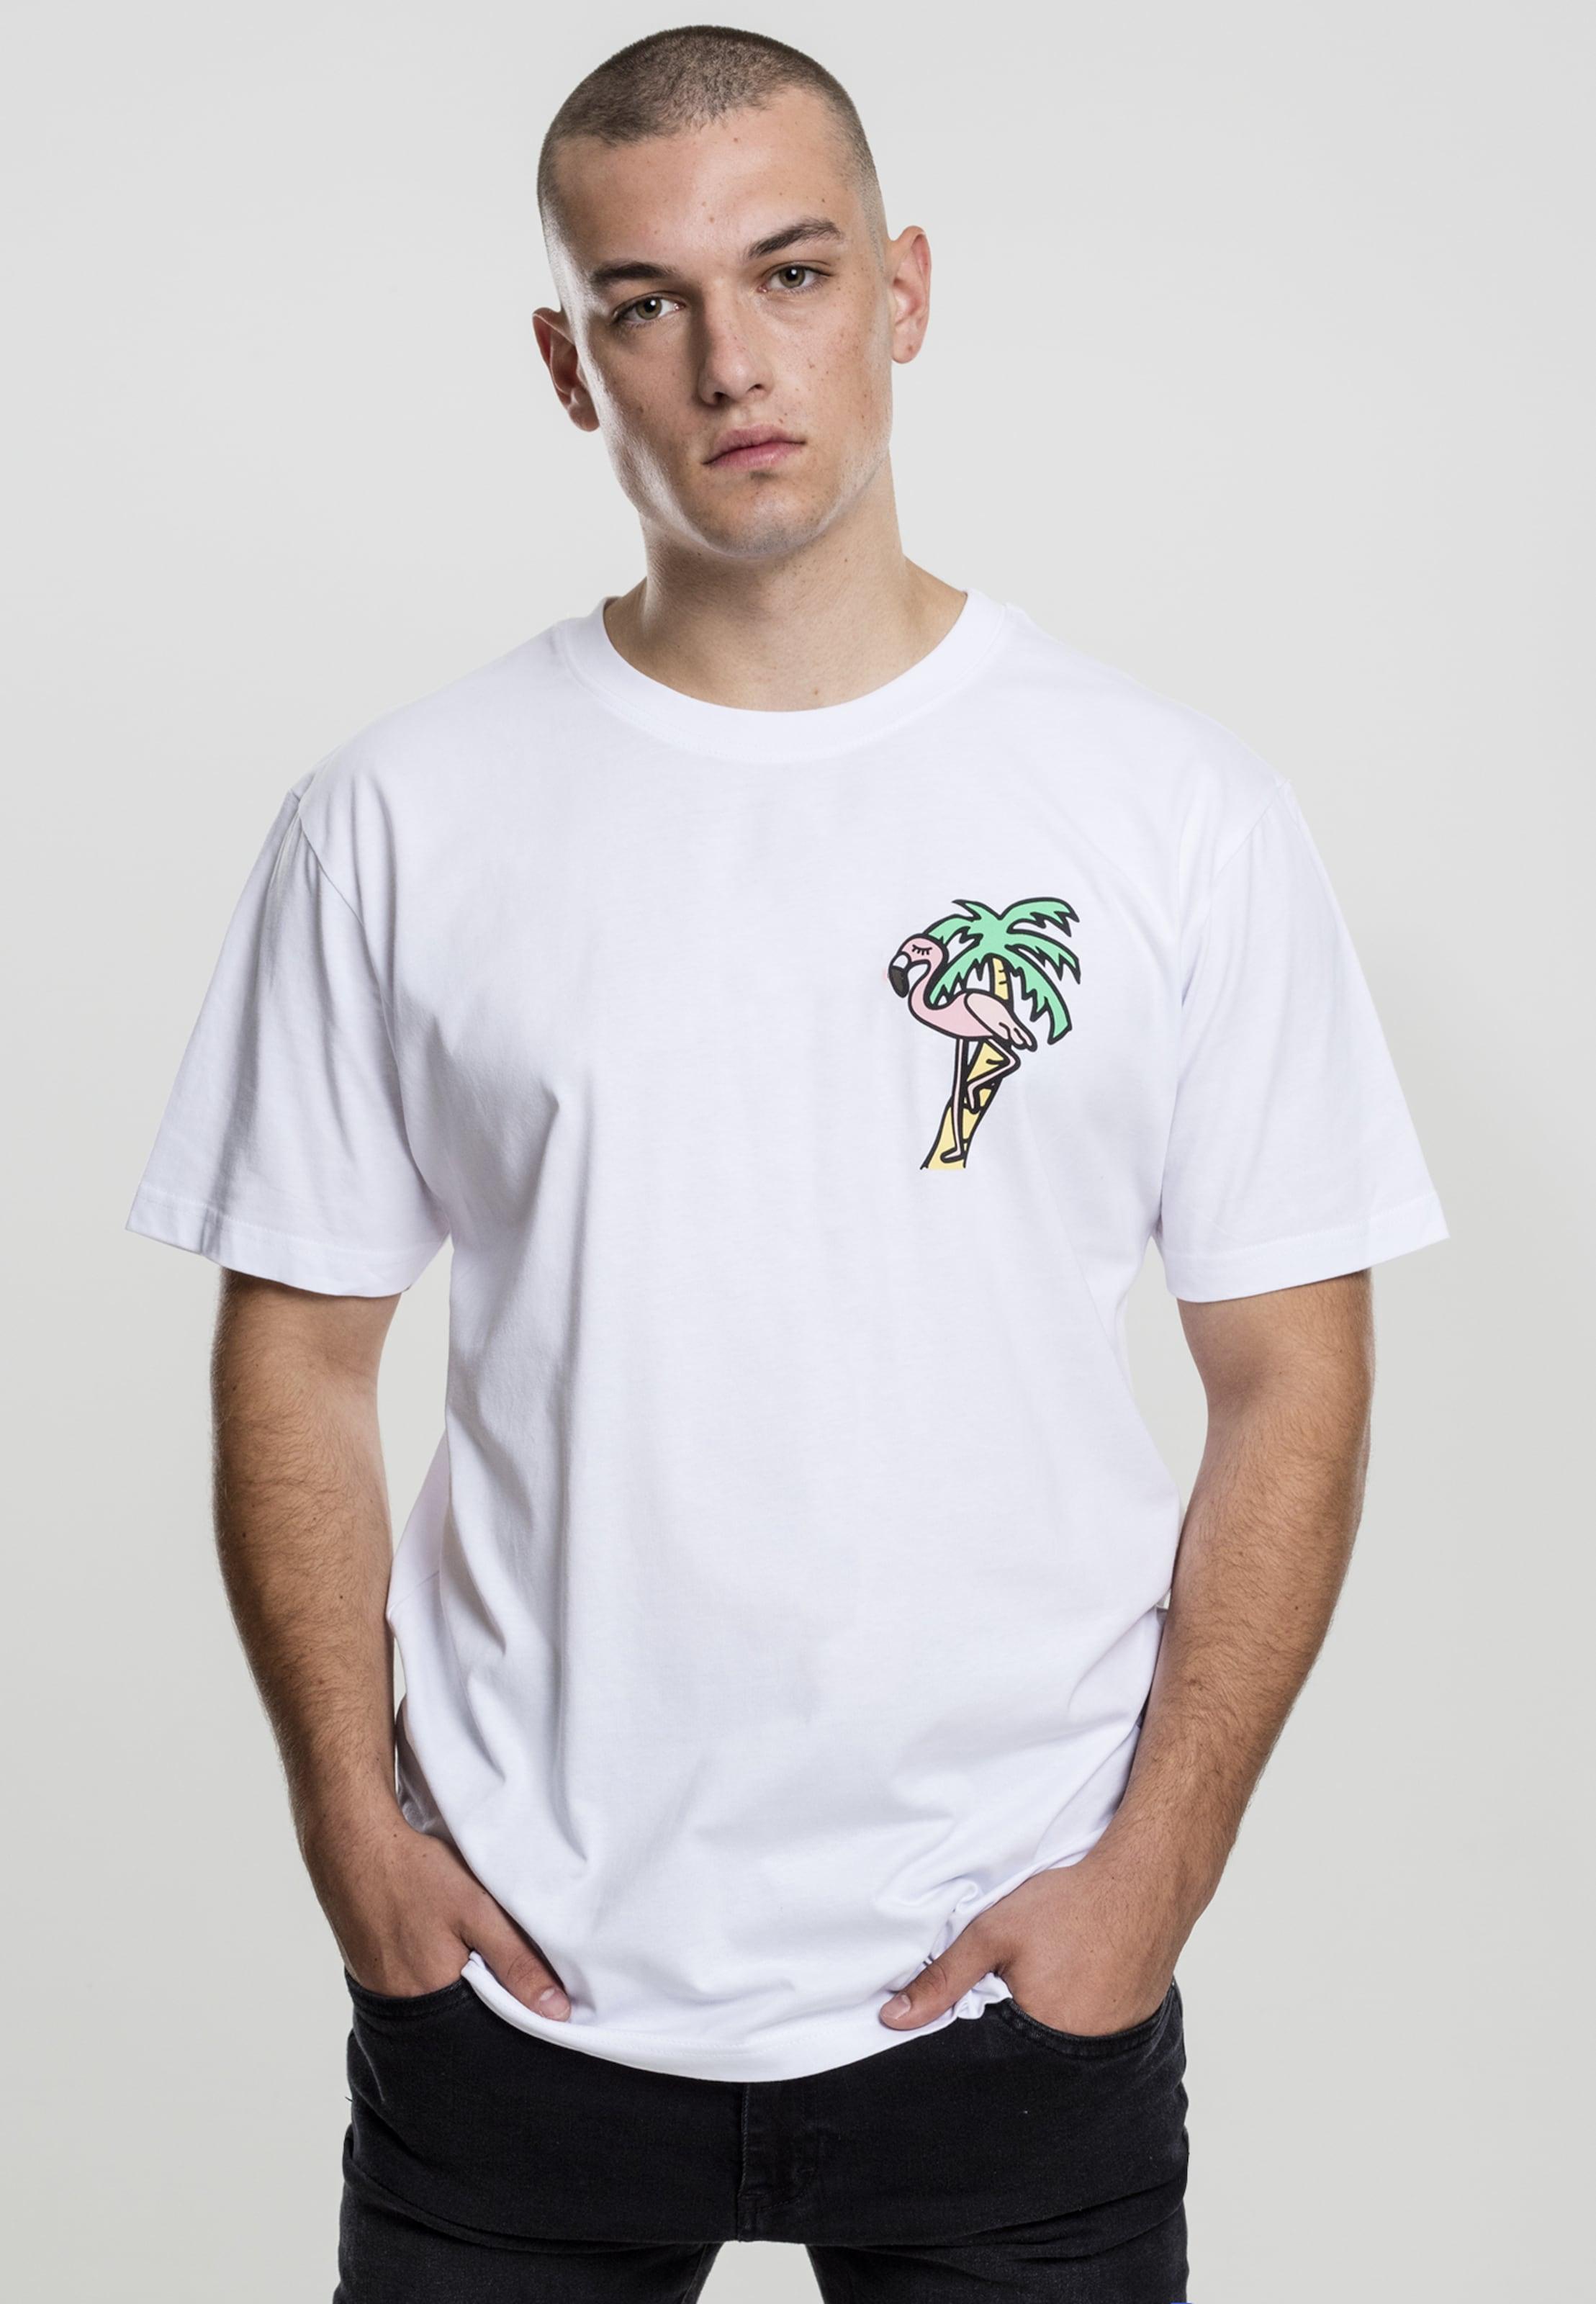 Tee GelbGrün T 'flamingo' Weiß Mister shirt In Hellpink dWxBorCe